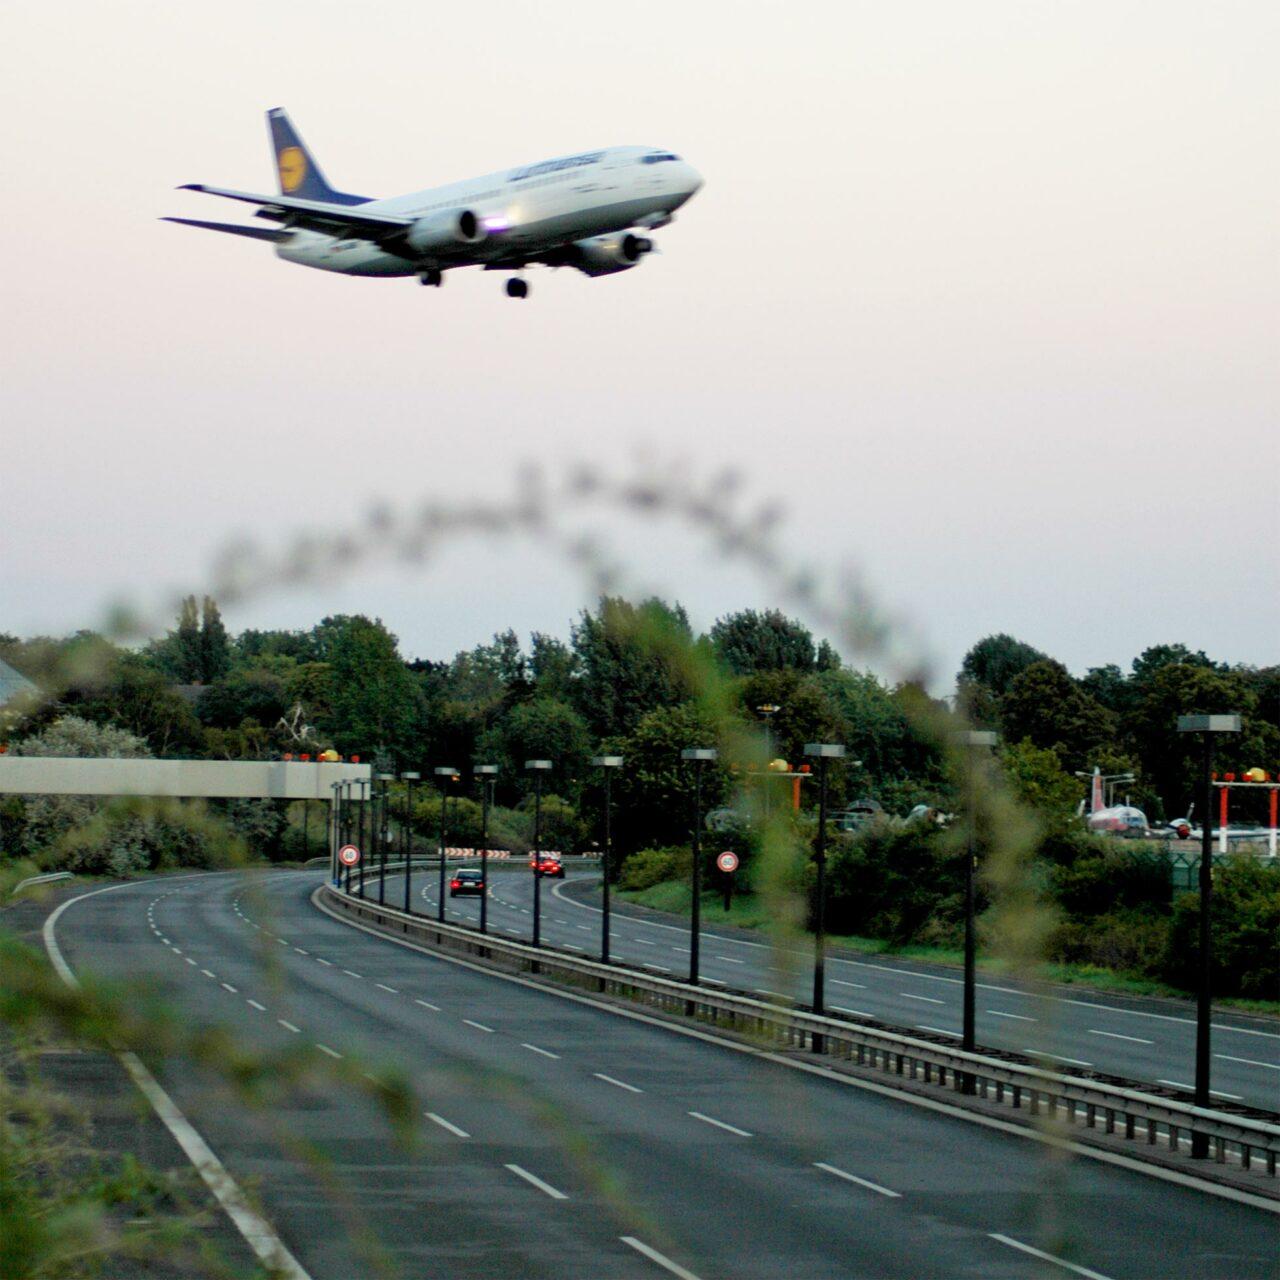 Ein Jumbo-Jet landet in Berlin Tegel.